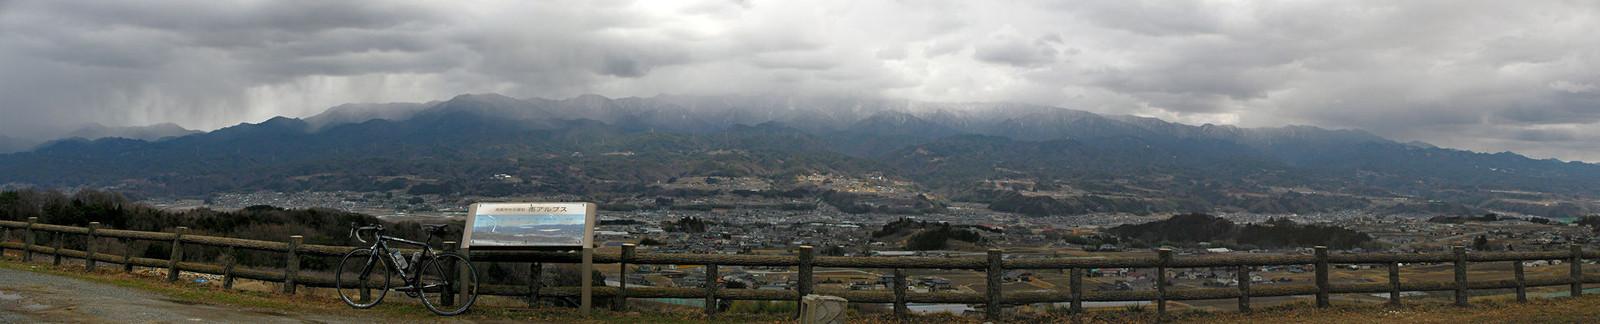 2014年3月14日「月夜平から飯田盆地を望む」